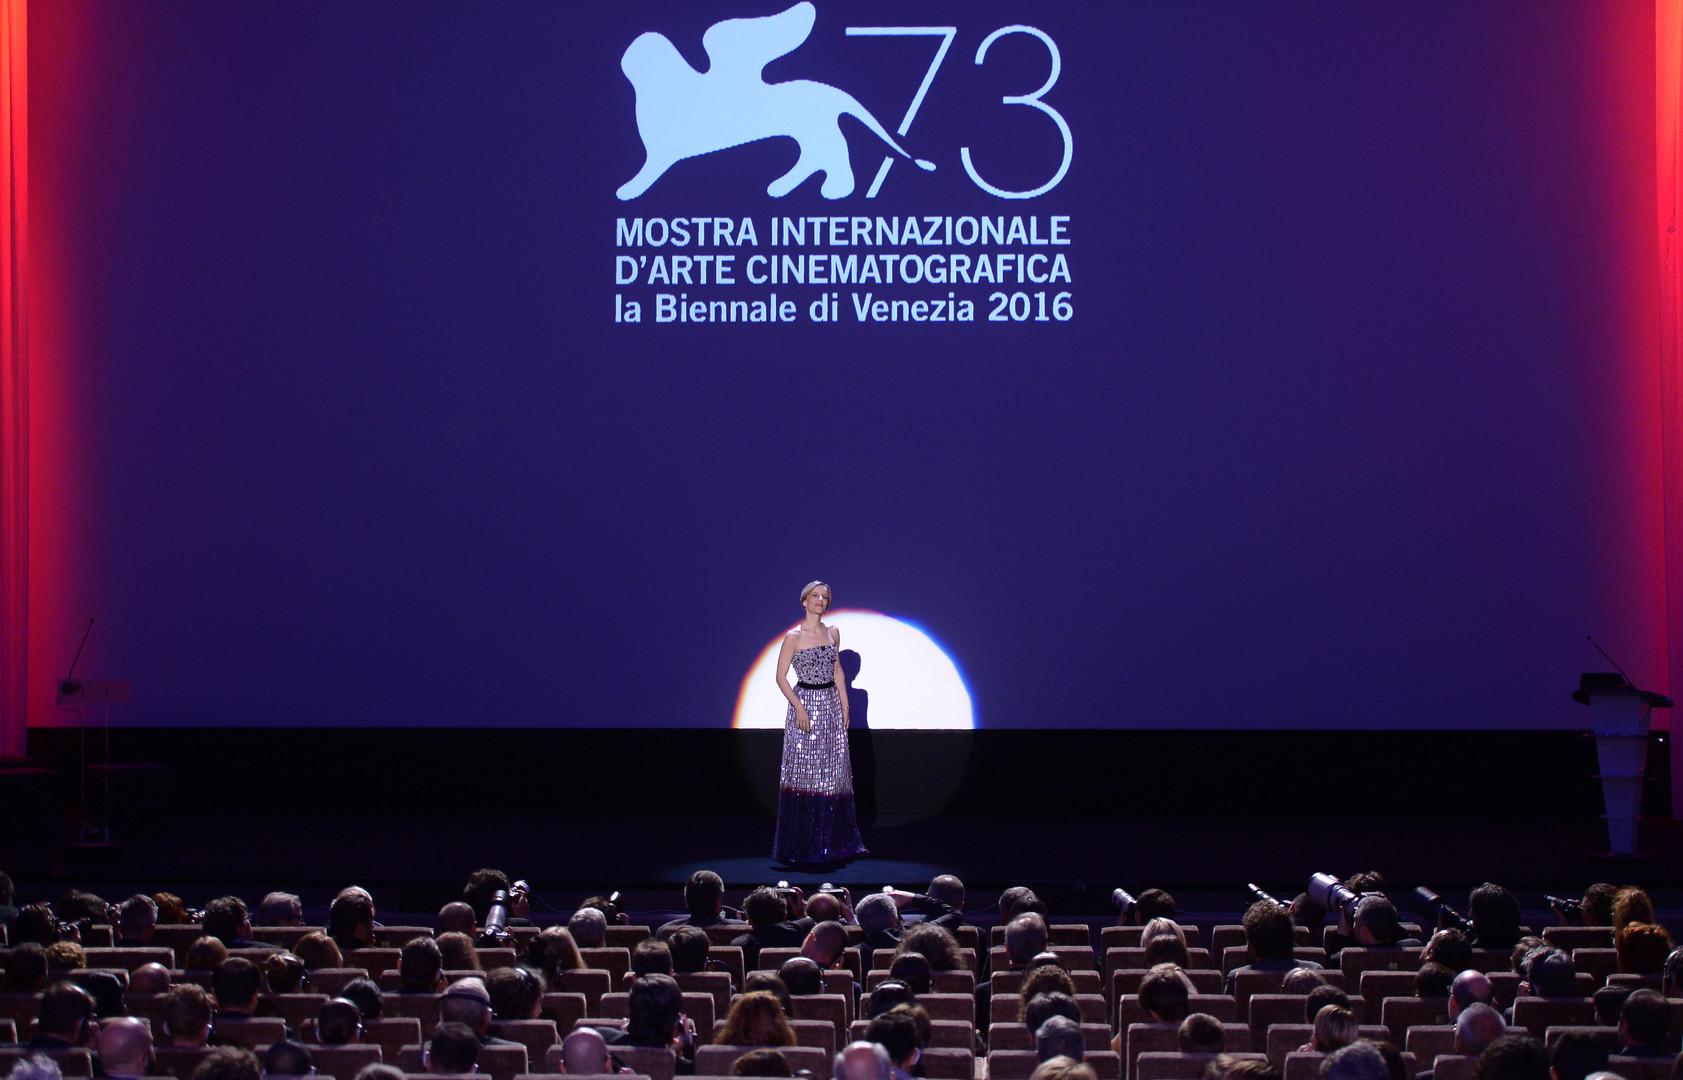 Церемонию награждения фестиваля вела итальняская актриса Соня Бергамаско.